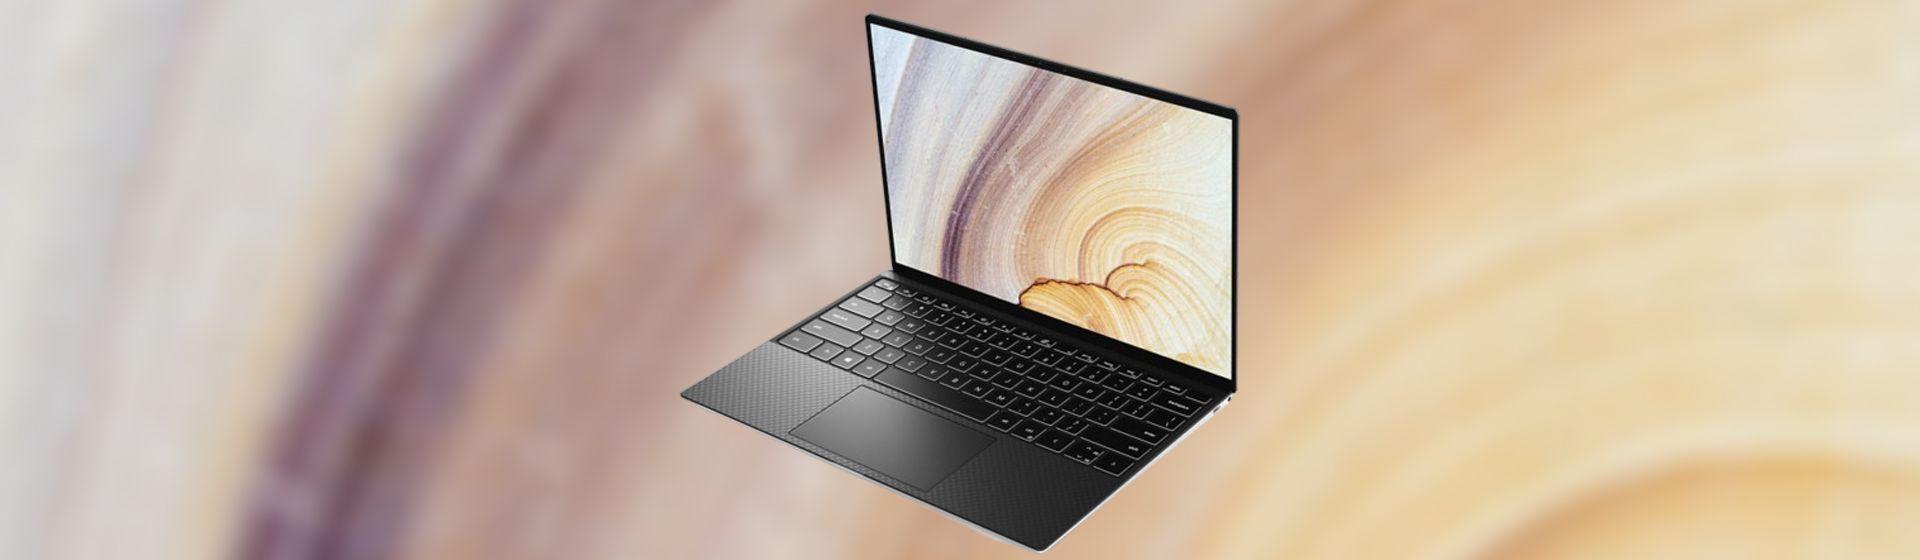 Dell XPS 13 de 2020 vale a pena? Veja análise de preço e ficha técnica